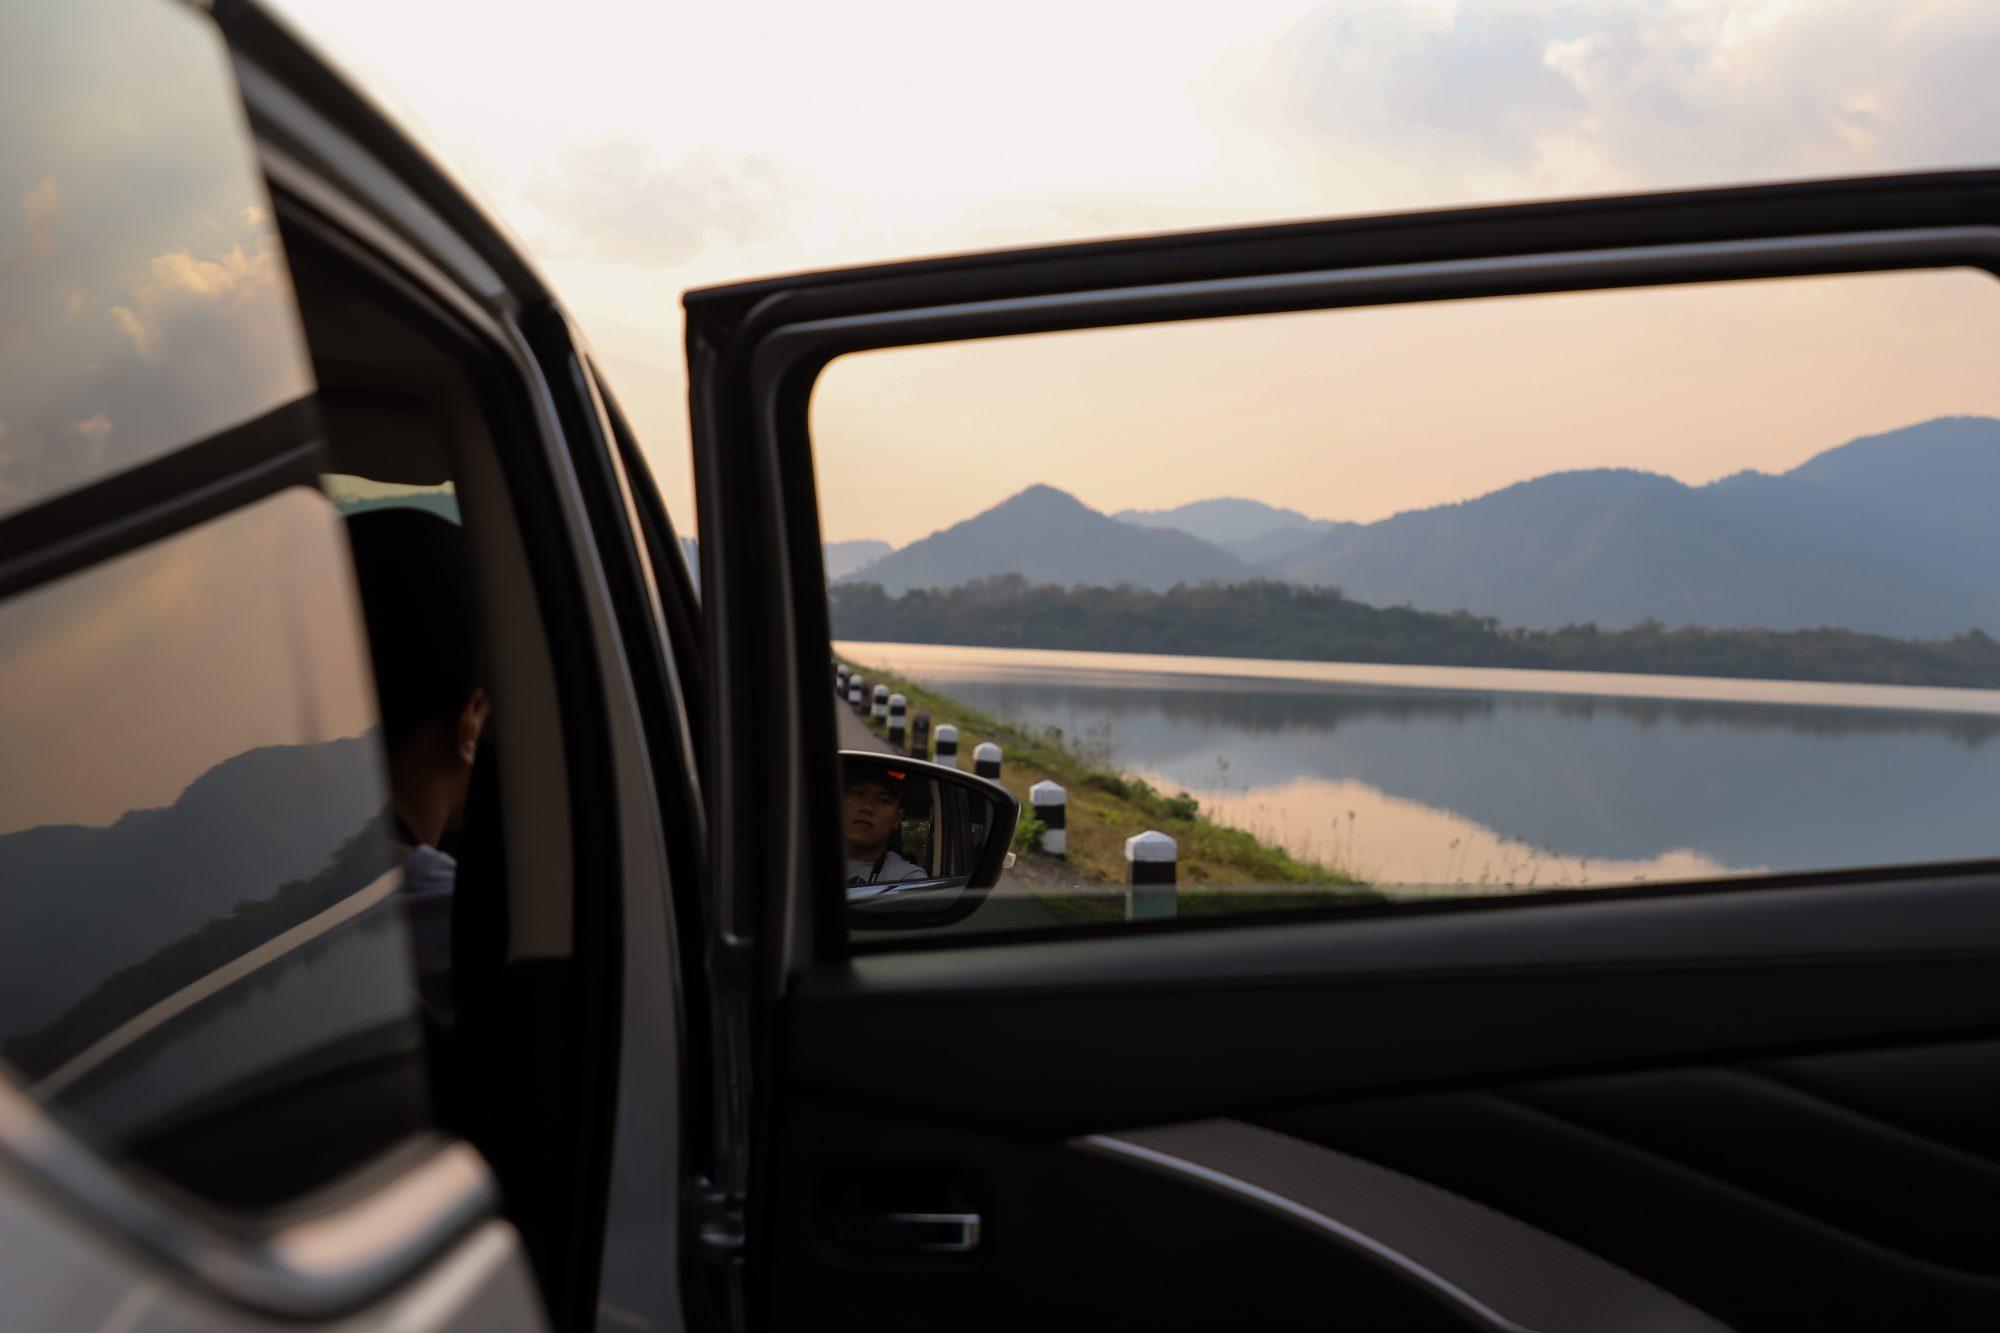 นครนายก' อากาศดีใกล้กรุงเทพ ทริปสั้นใกล้เมือง ขับรถไปไม่เหนื่อย เปลี่ยนเสาร์อาทิตย์ให้ฟินกว่าเดิม!